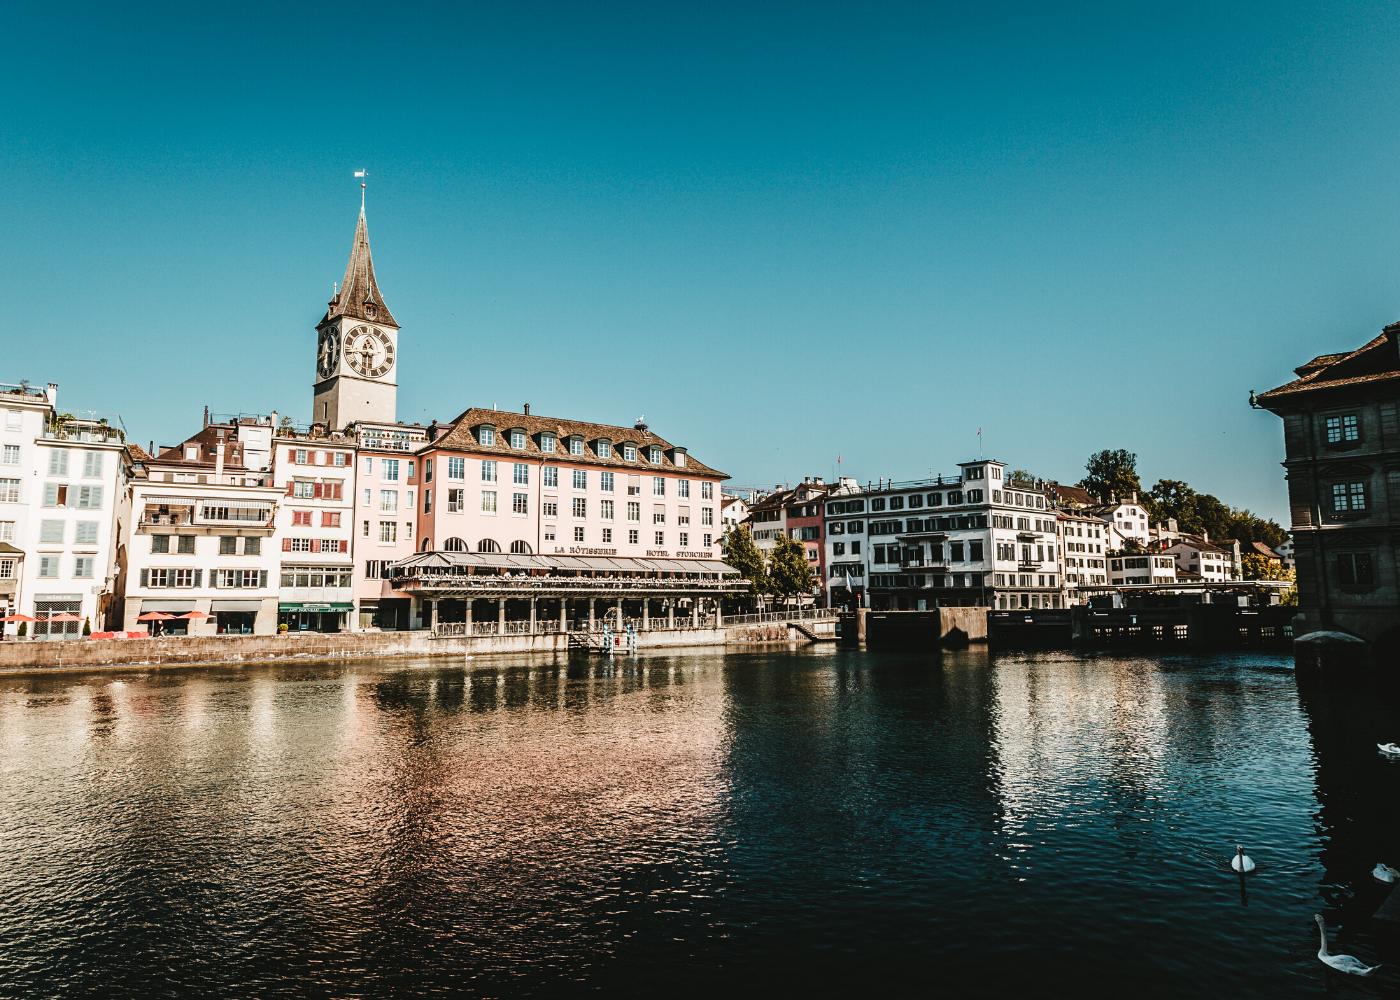 Zurich, Switzerland | Travel destinations in 2020